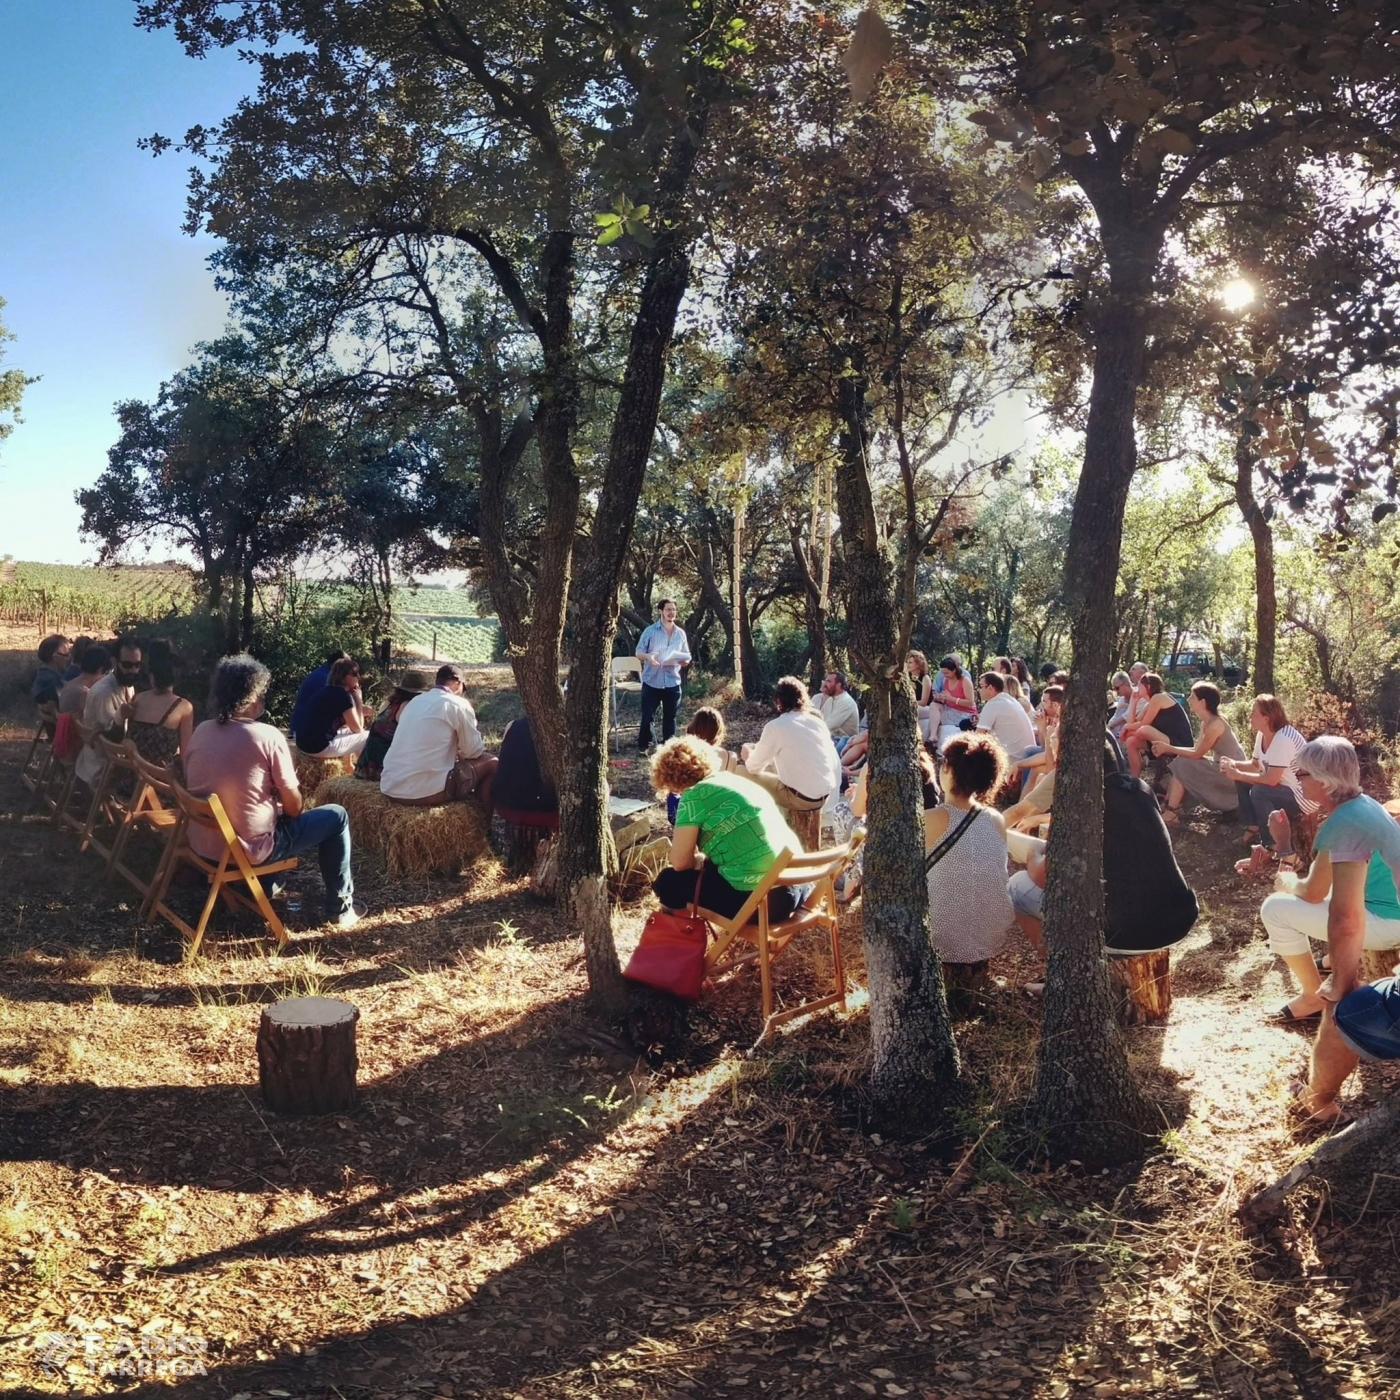 Torna el festival Comalada Art & Paraula a les vinyes del Celler Comalats